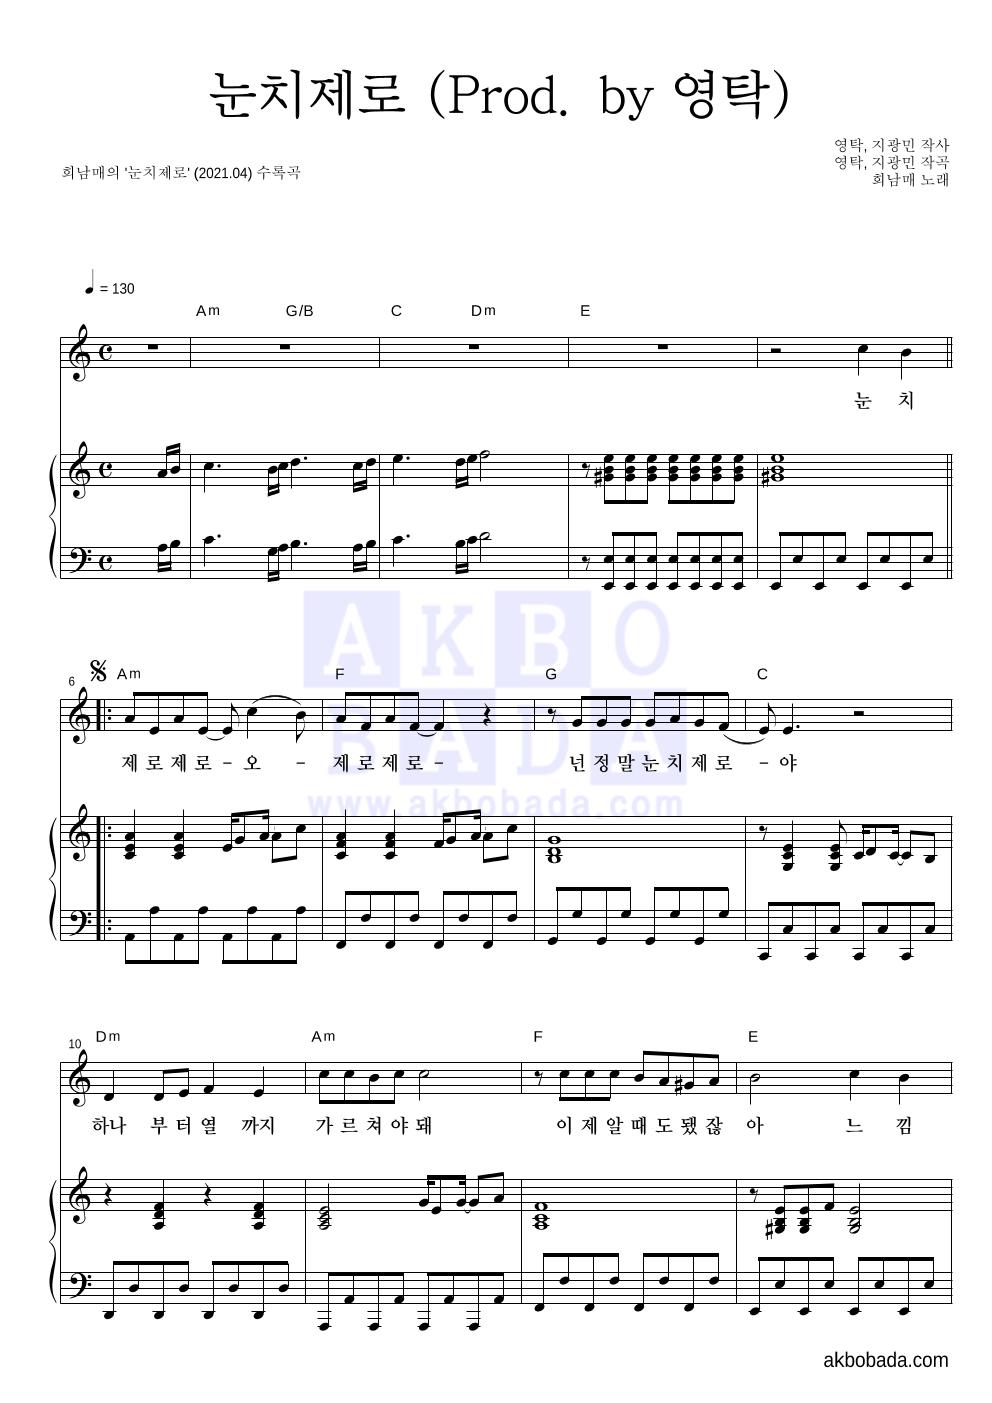 희남매 - 눈치제로 (Prod. by 영탁) 피아노 3단 악보